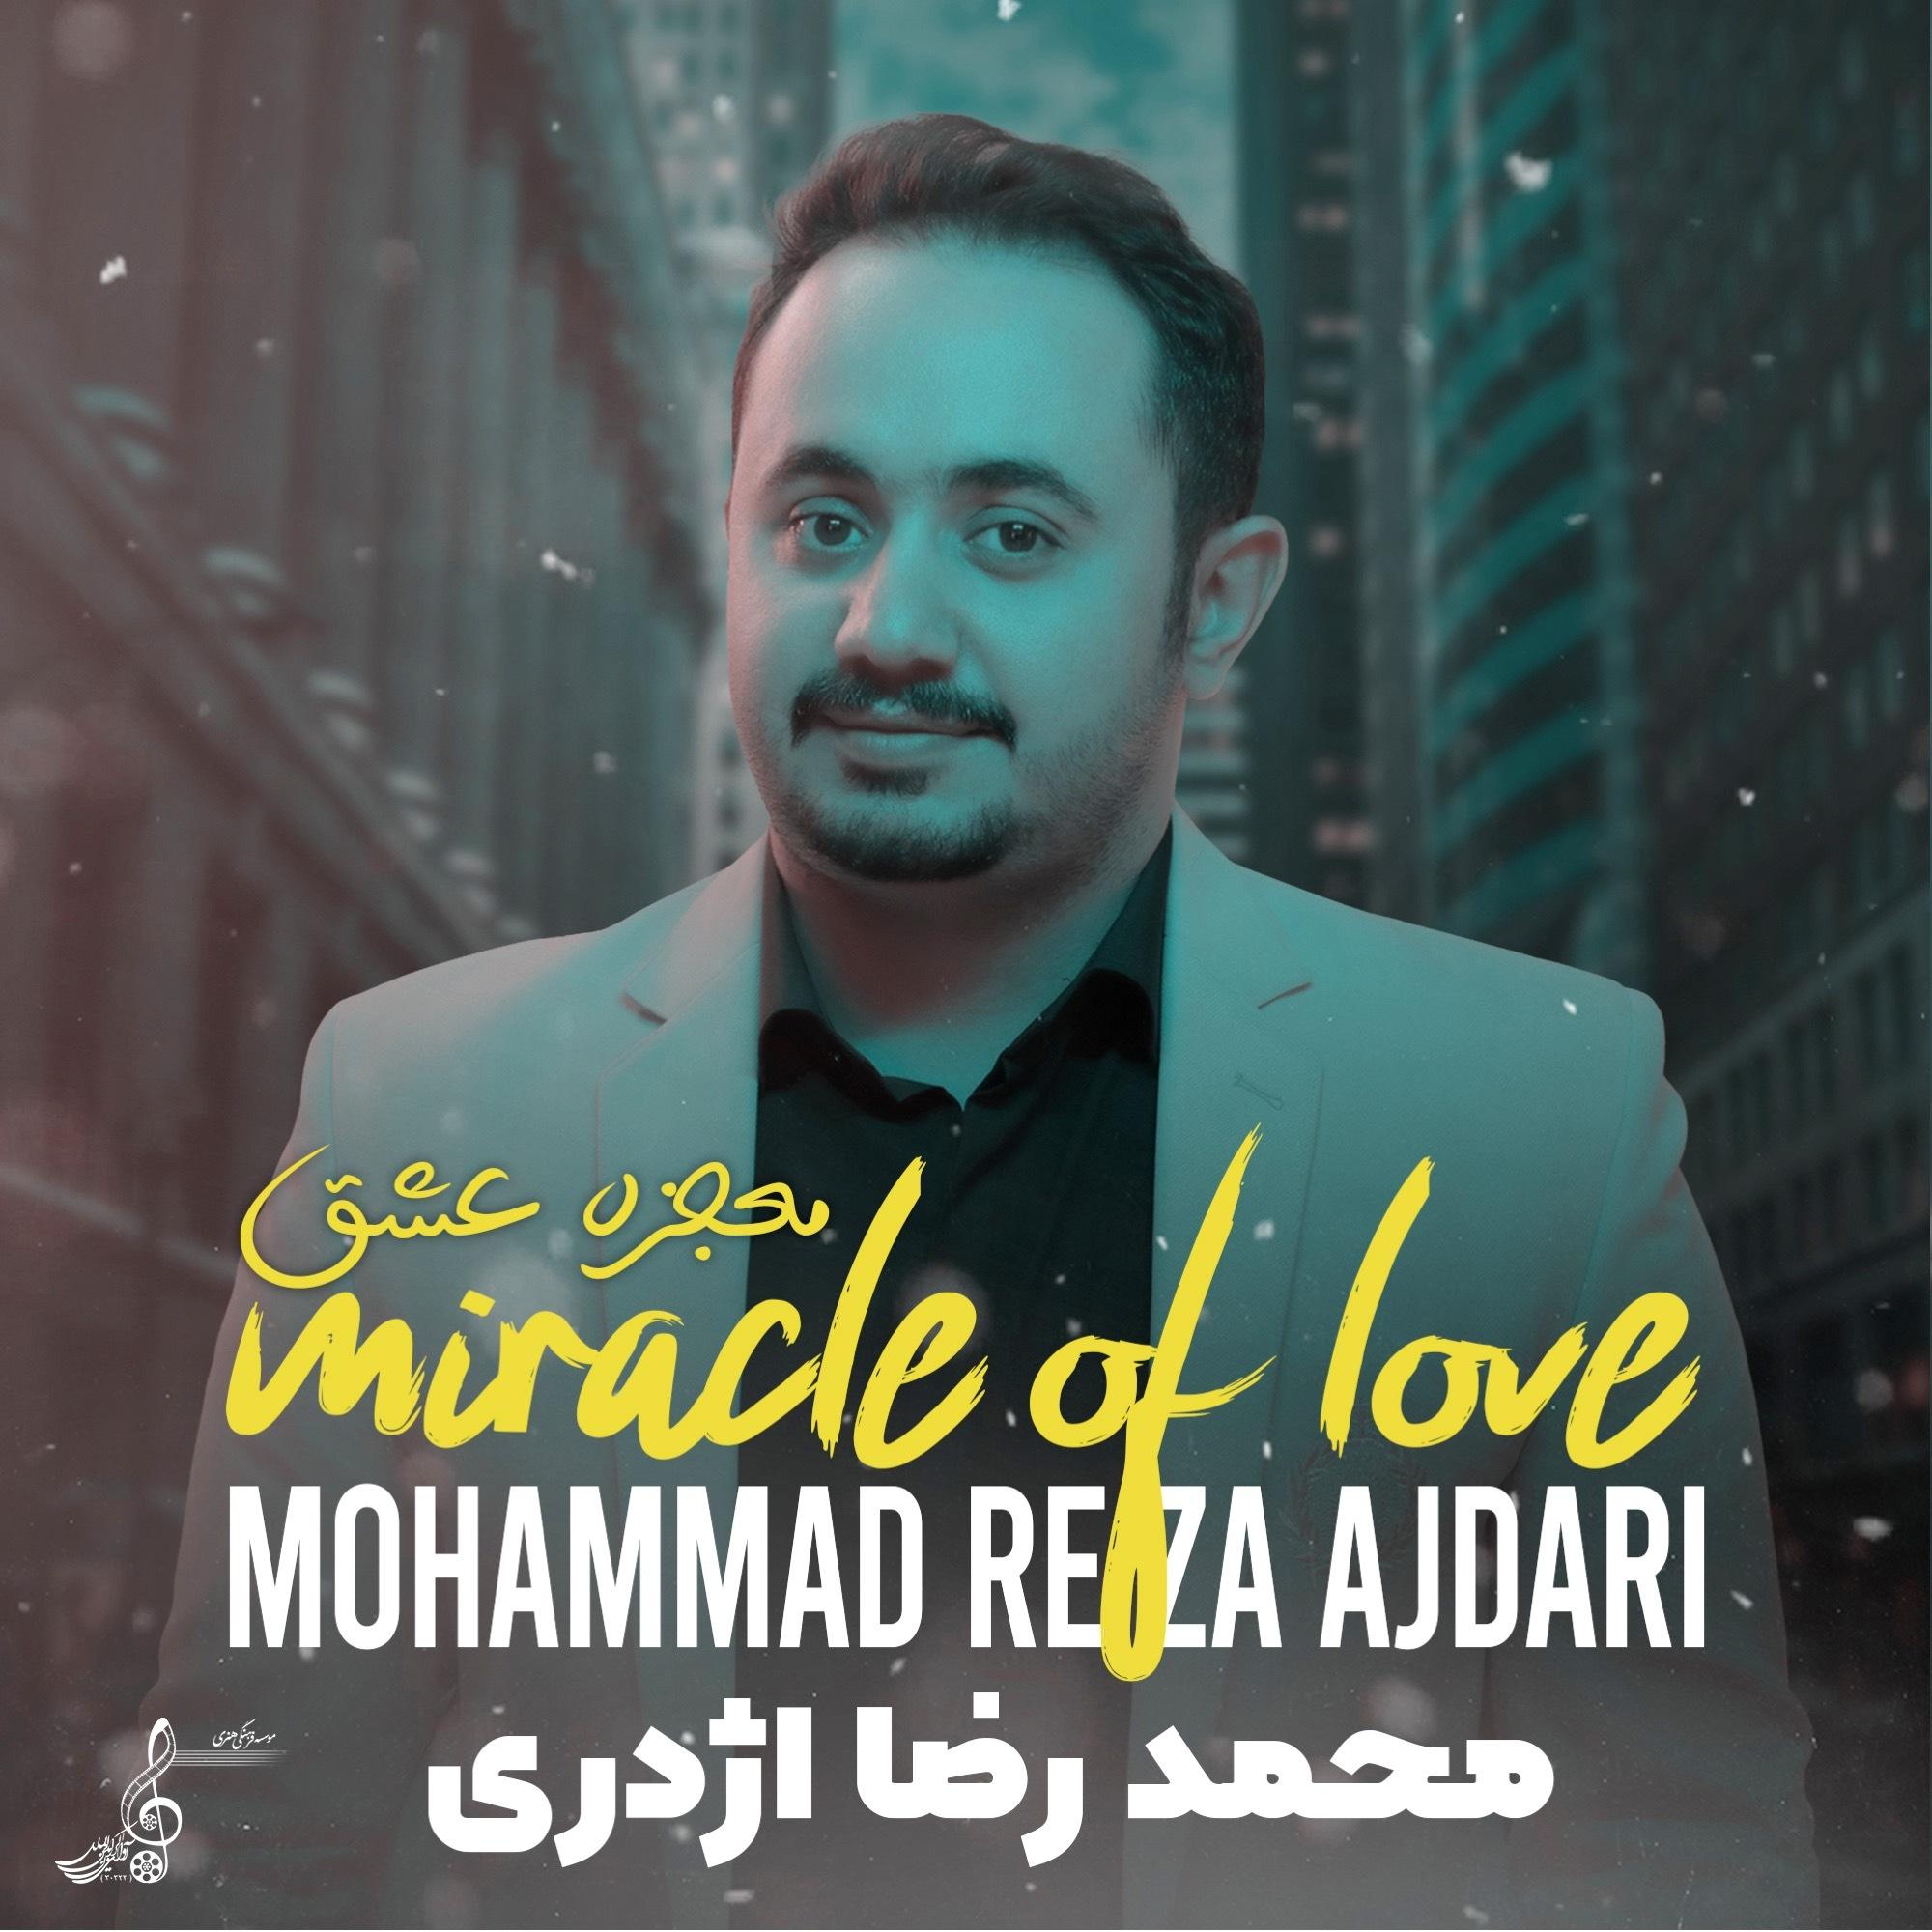 آلبوم معجزه عشق منتشر شد